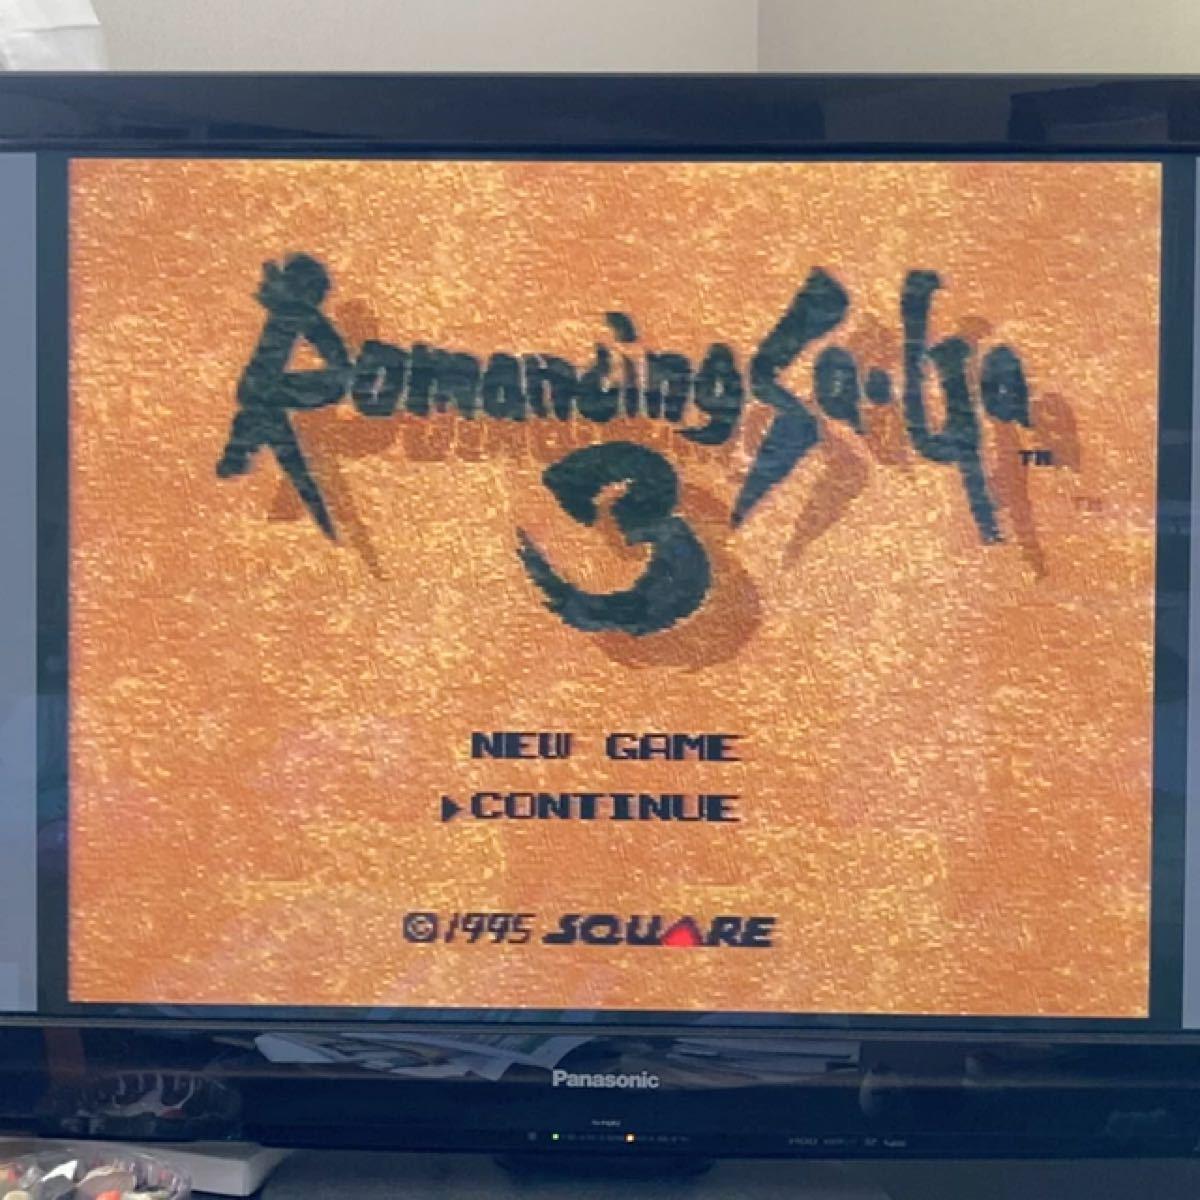 値下げ 動作確認済 ロマンシング サ・ガ3 スーパーファミコンソフトのみ 箱・取扱説明書あり 任天堂